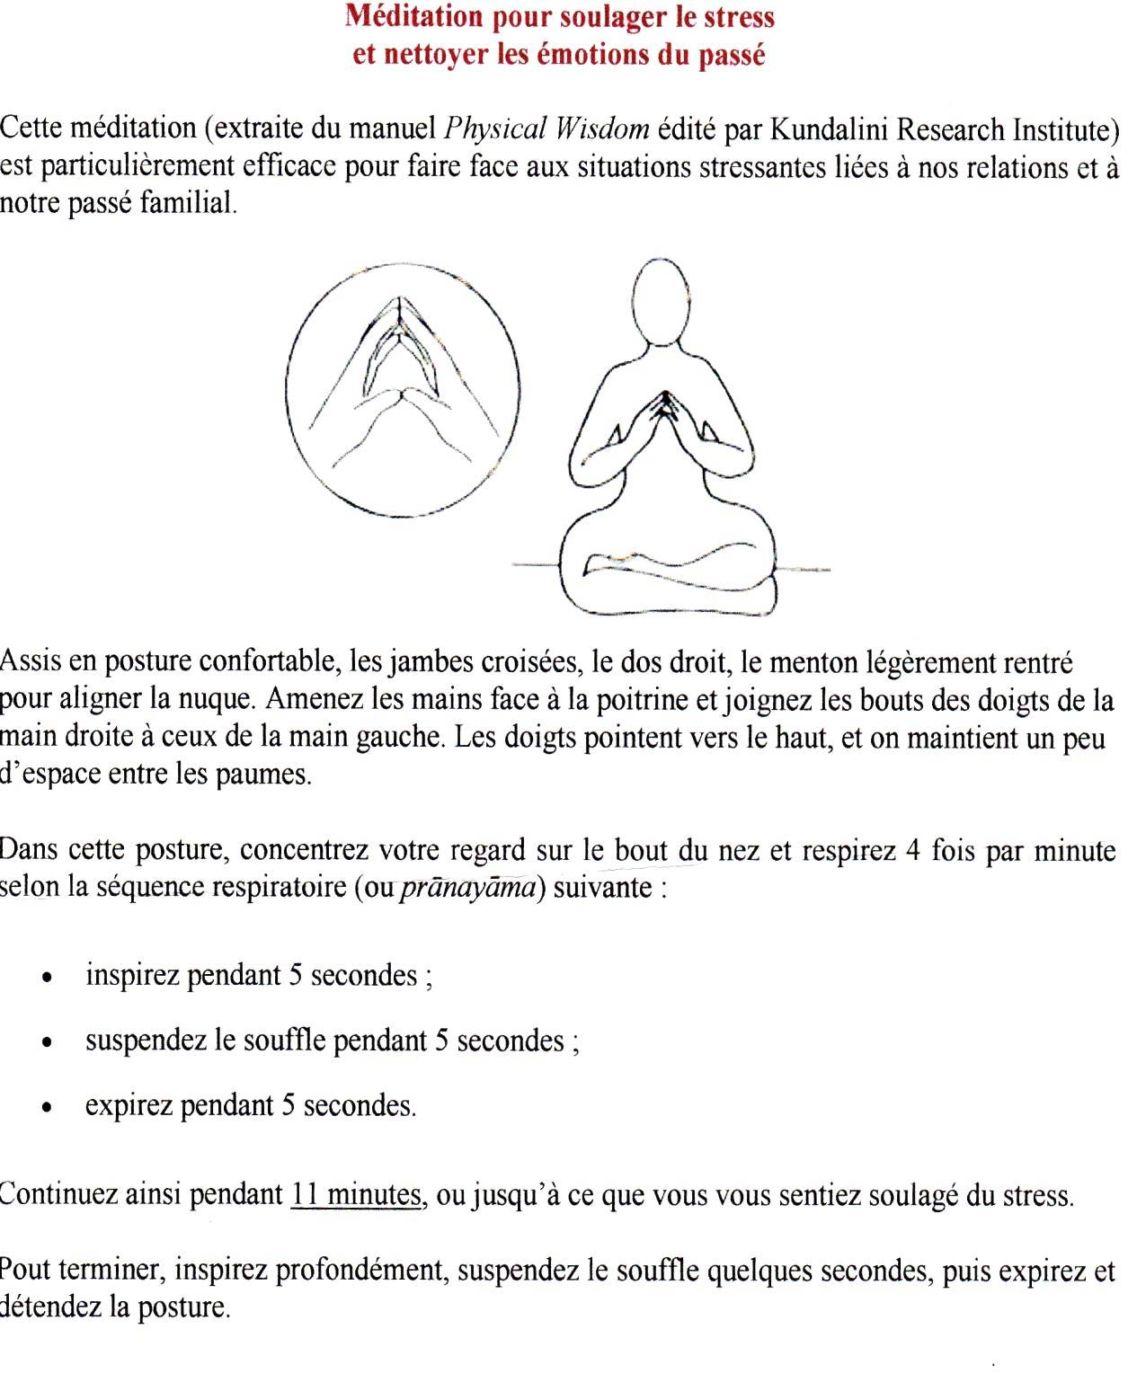 meditation pour soulager le stress